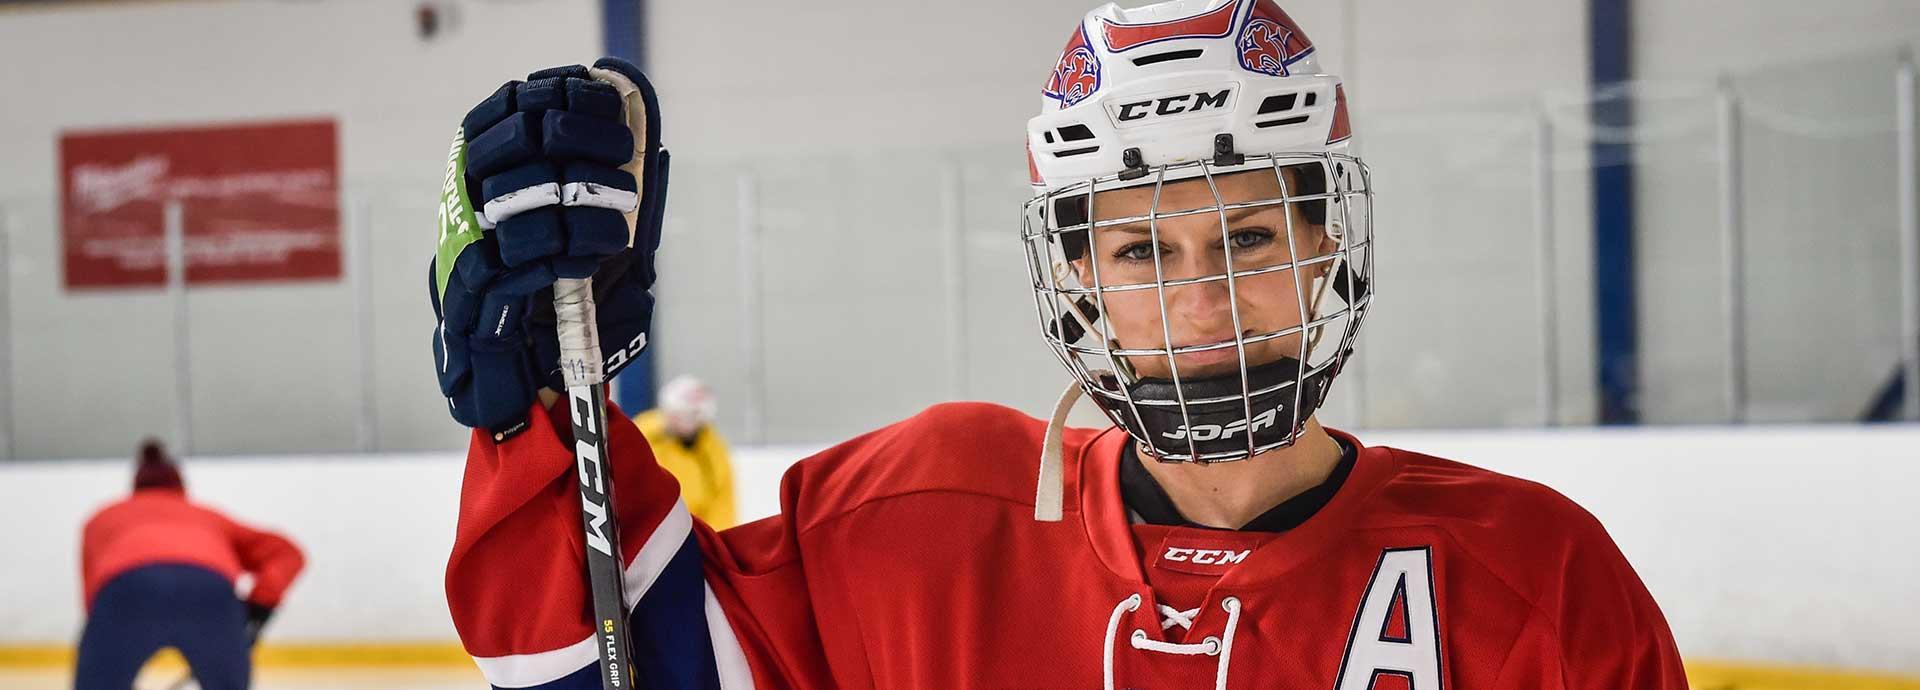 Mia Heikuri's heart beats for hockey and HIFK